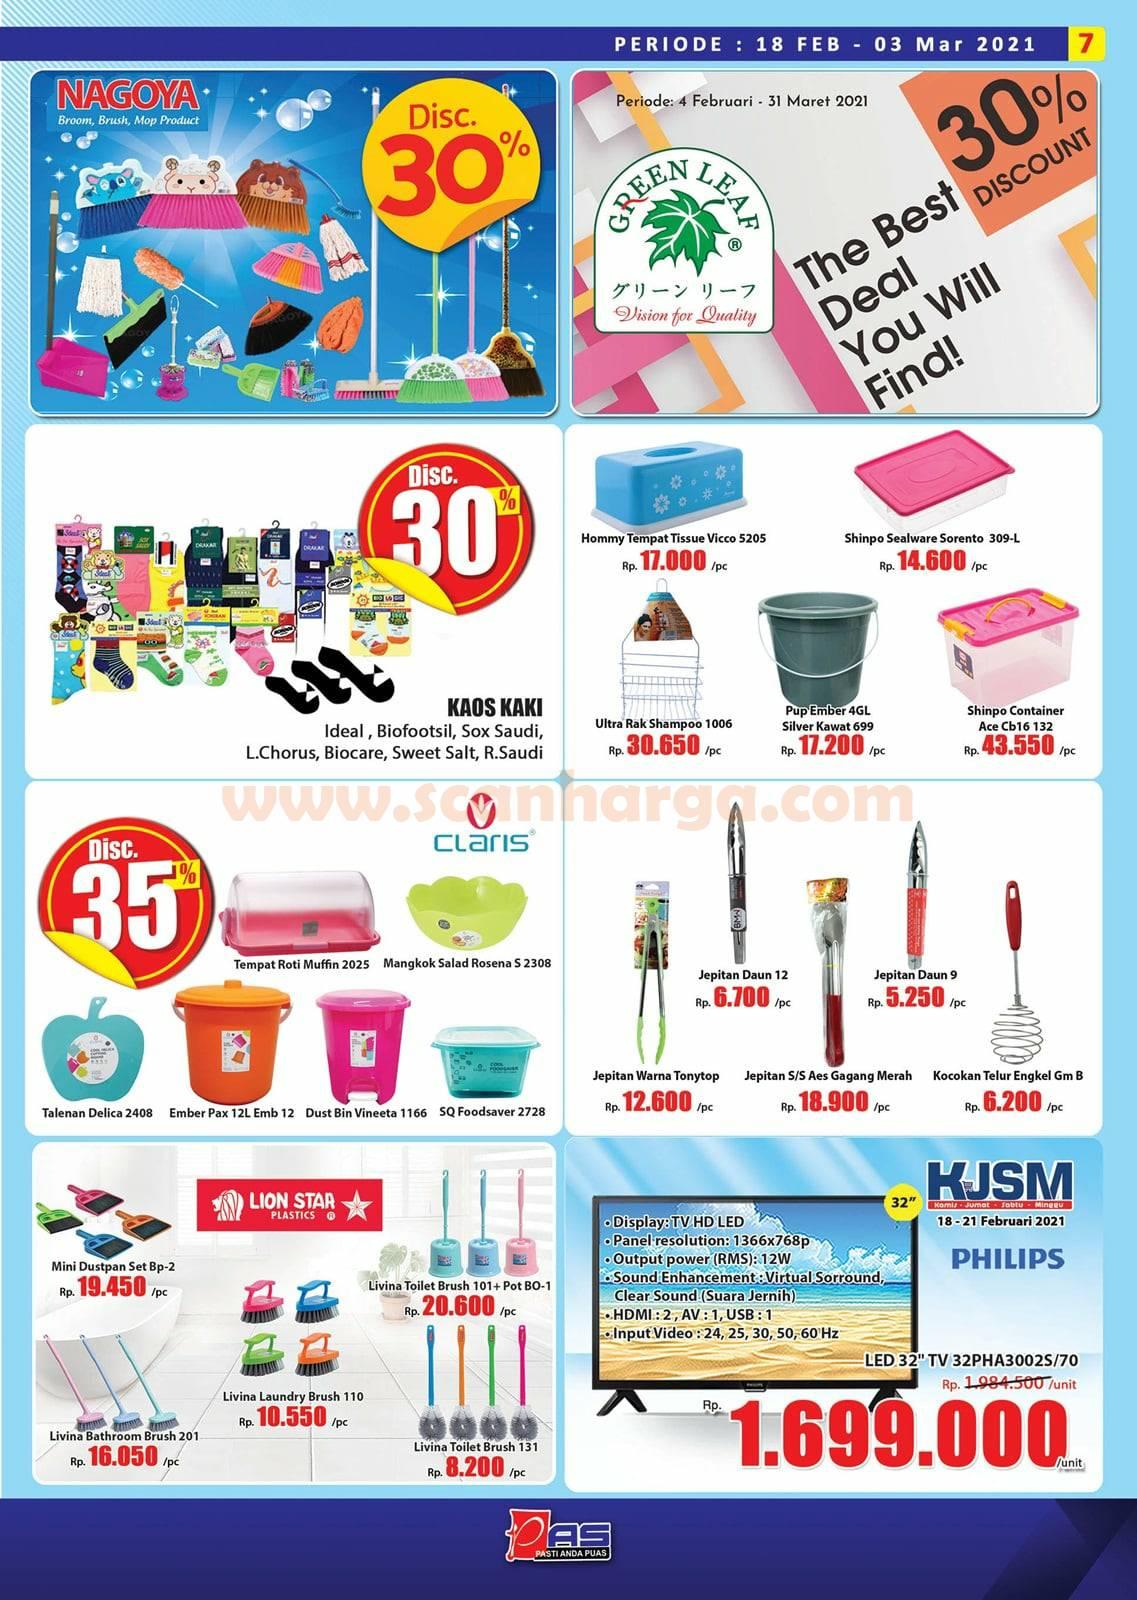 Katalog Promo Hari Hari Pasar Swalayan 18 Februari - 3 Maret 2021 7